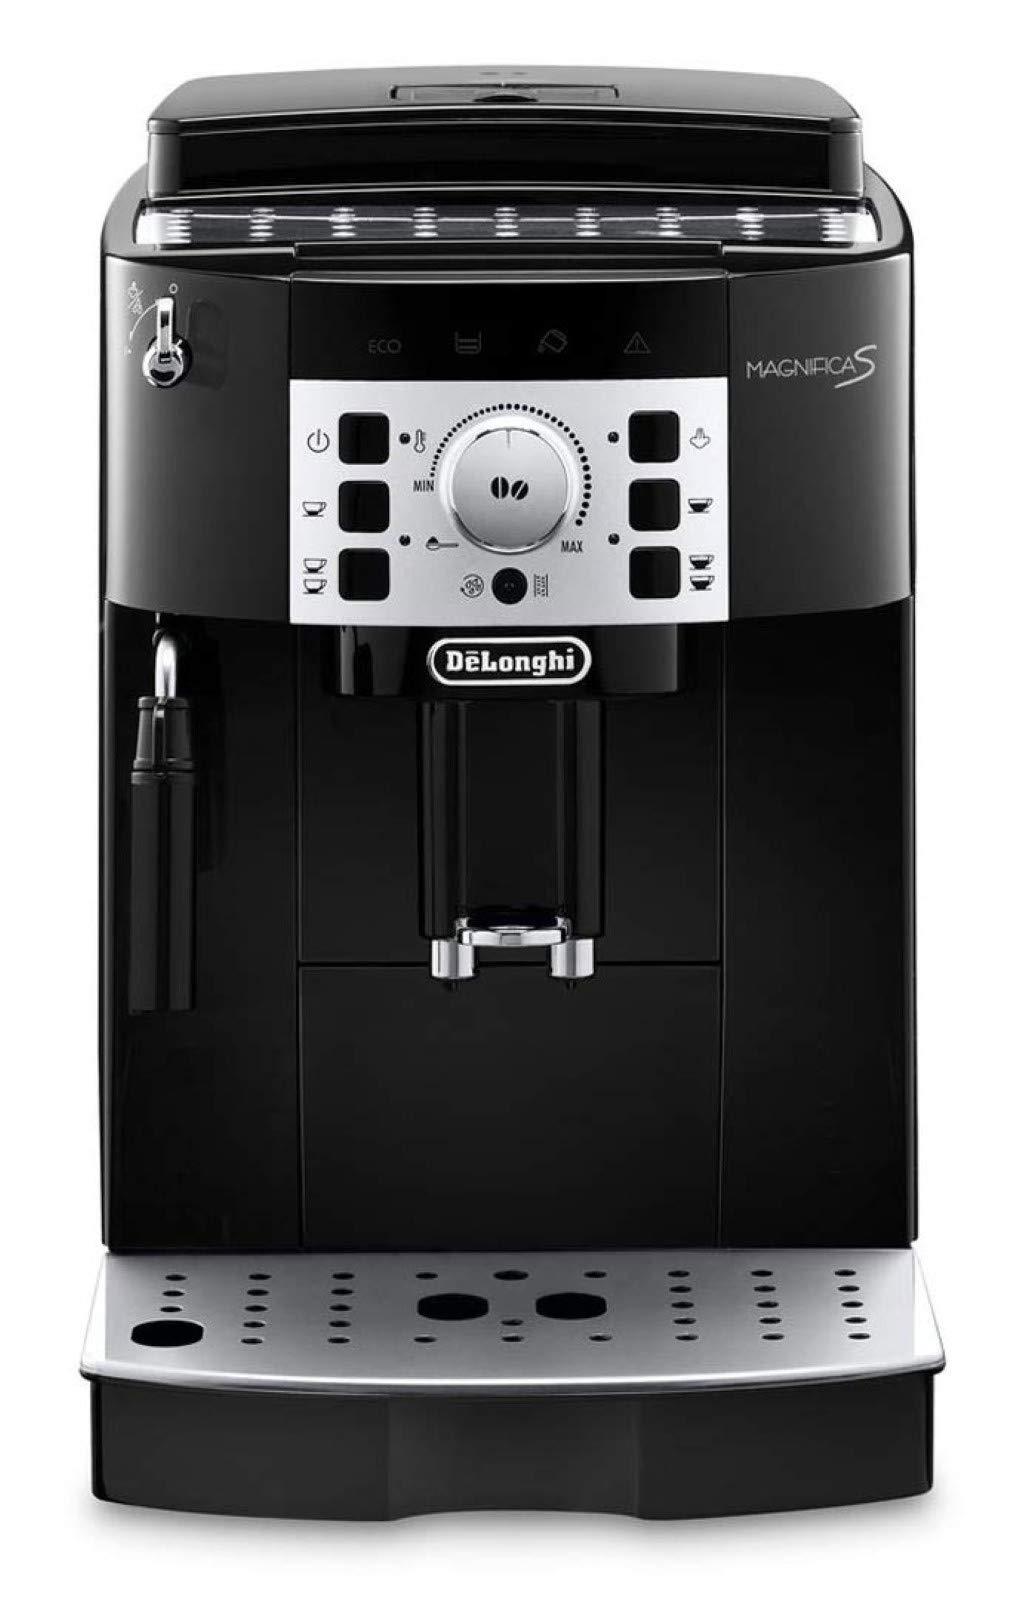 DeLonghi Magnifica S ECAM 22110B Kaffeevollautomat Mit Milchaufschaumduse Direktwahltasten Drehregler 2 Tassen Funktion Grosser 18 L Wassertank